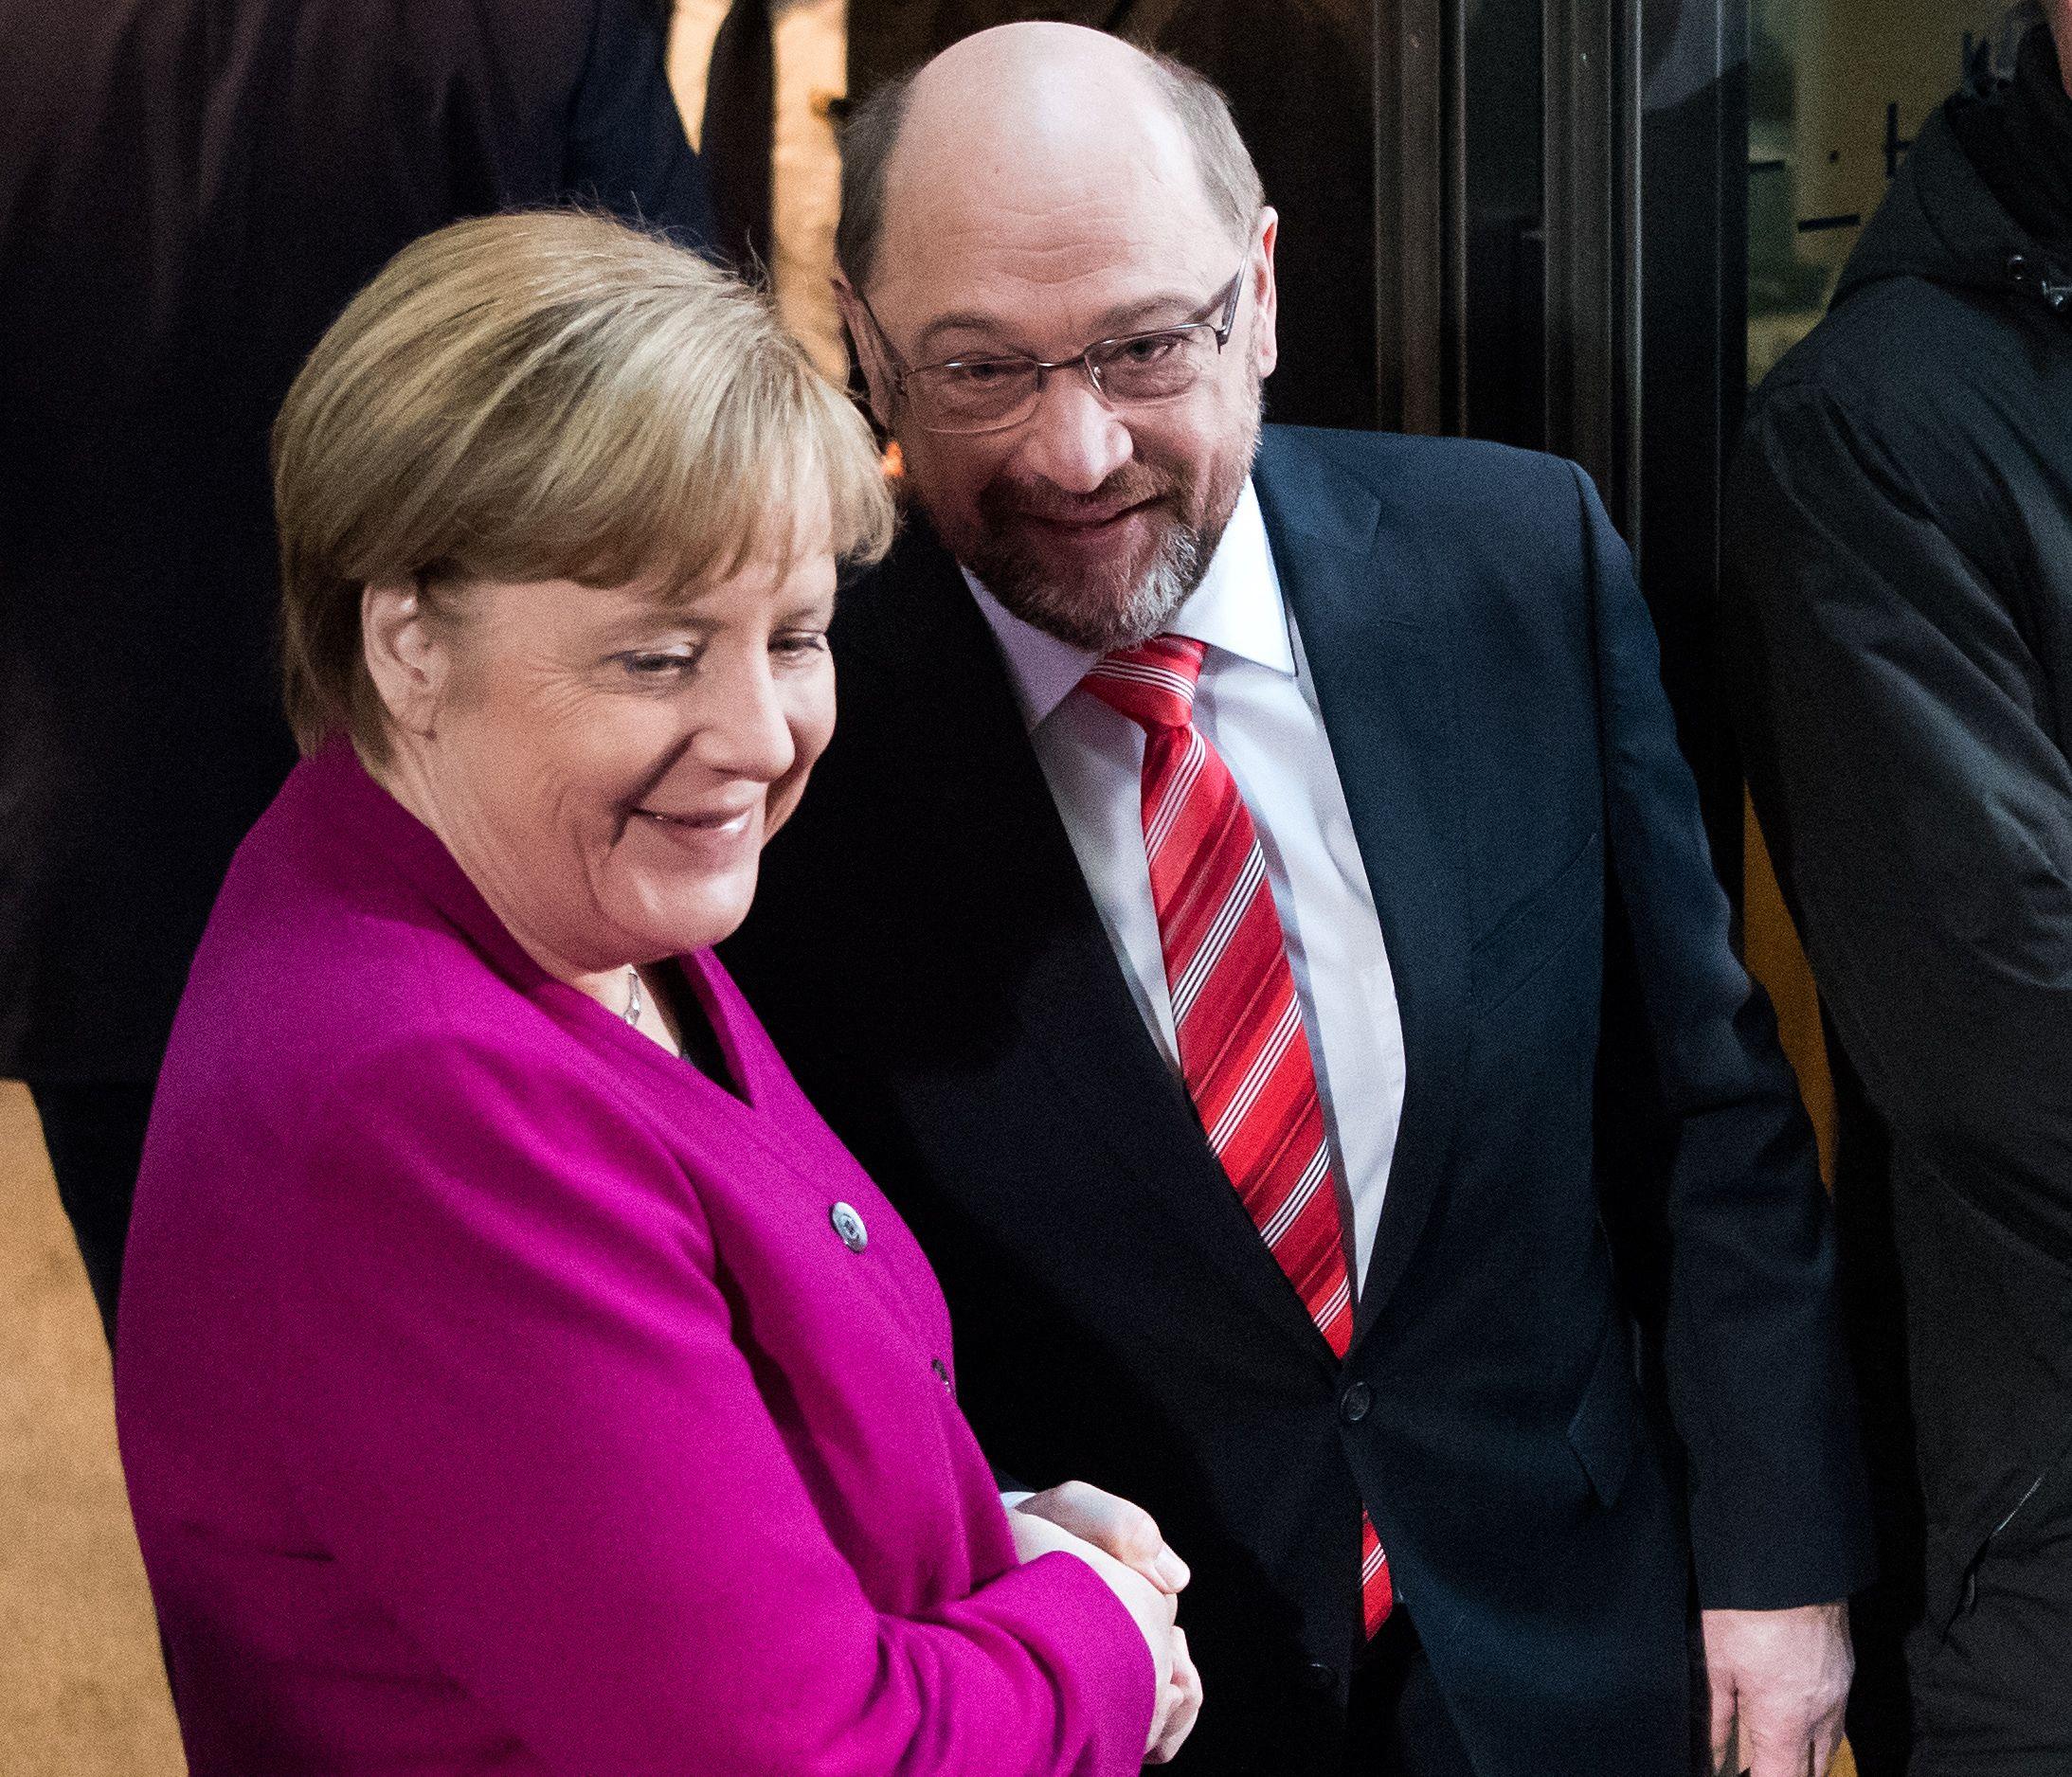 Merkel e SPD vão negociar novo governo